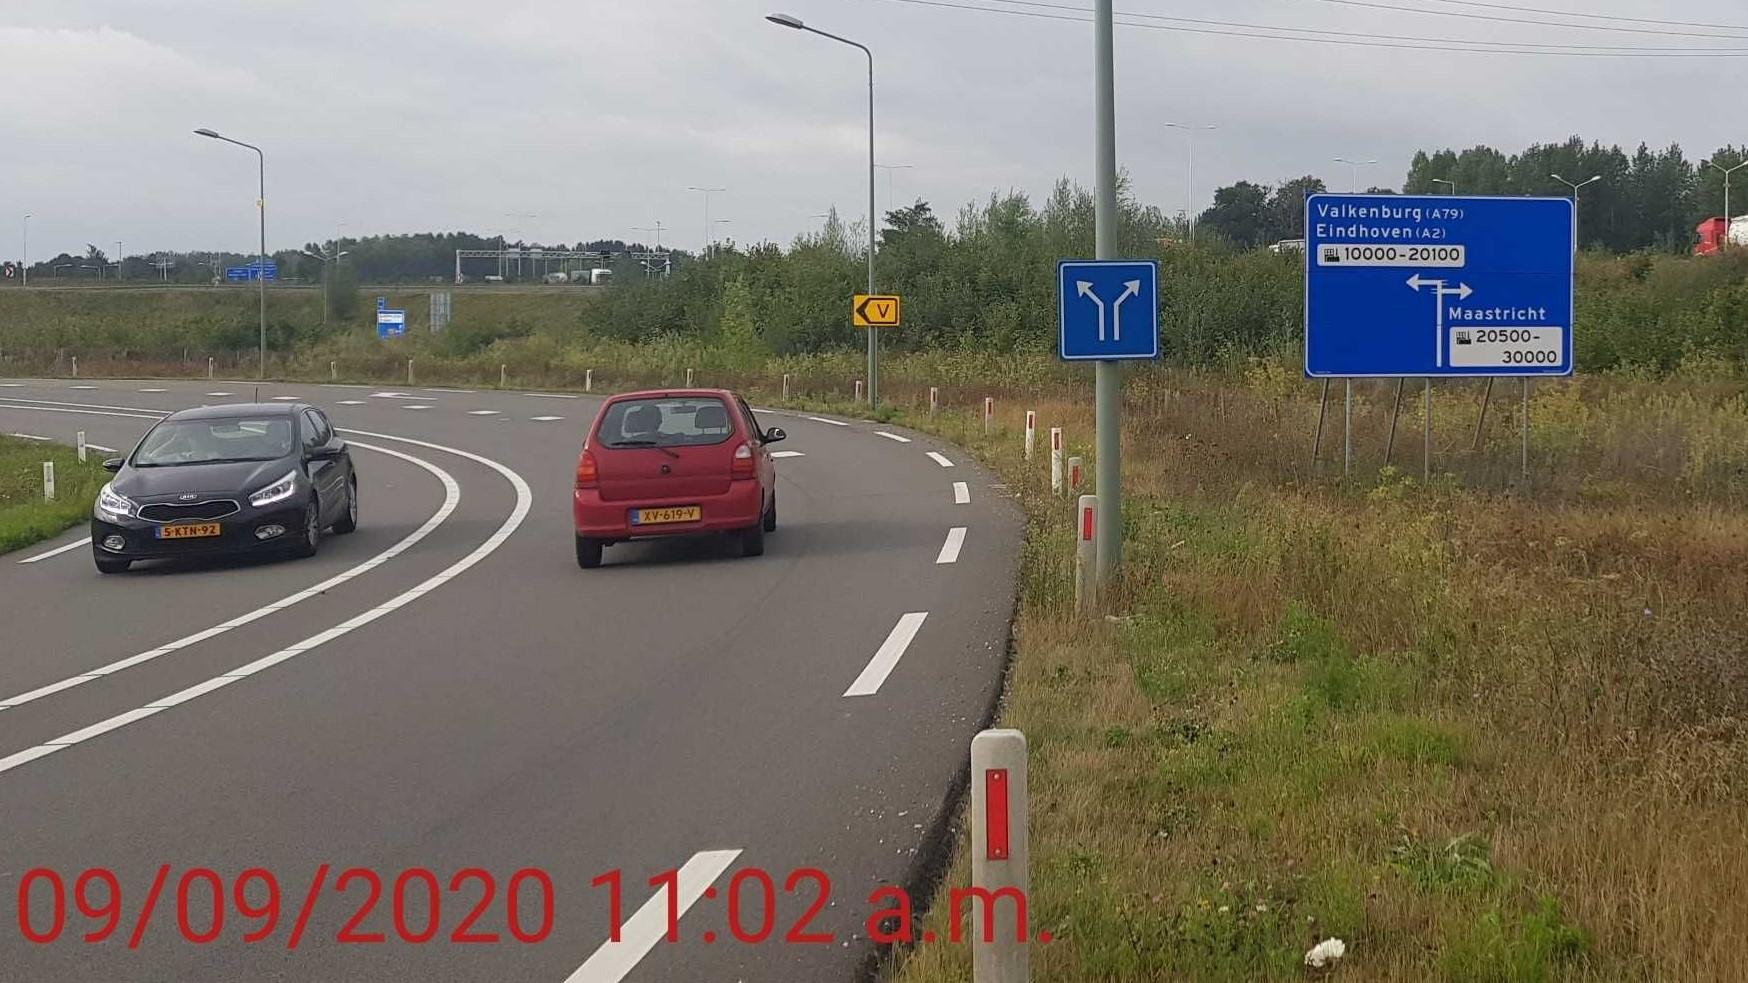 Schouwen bermbord gemeente Maastricht